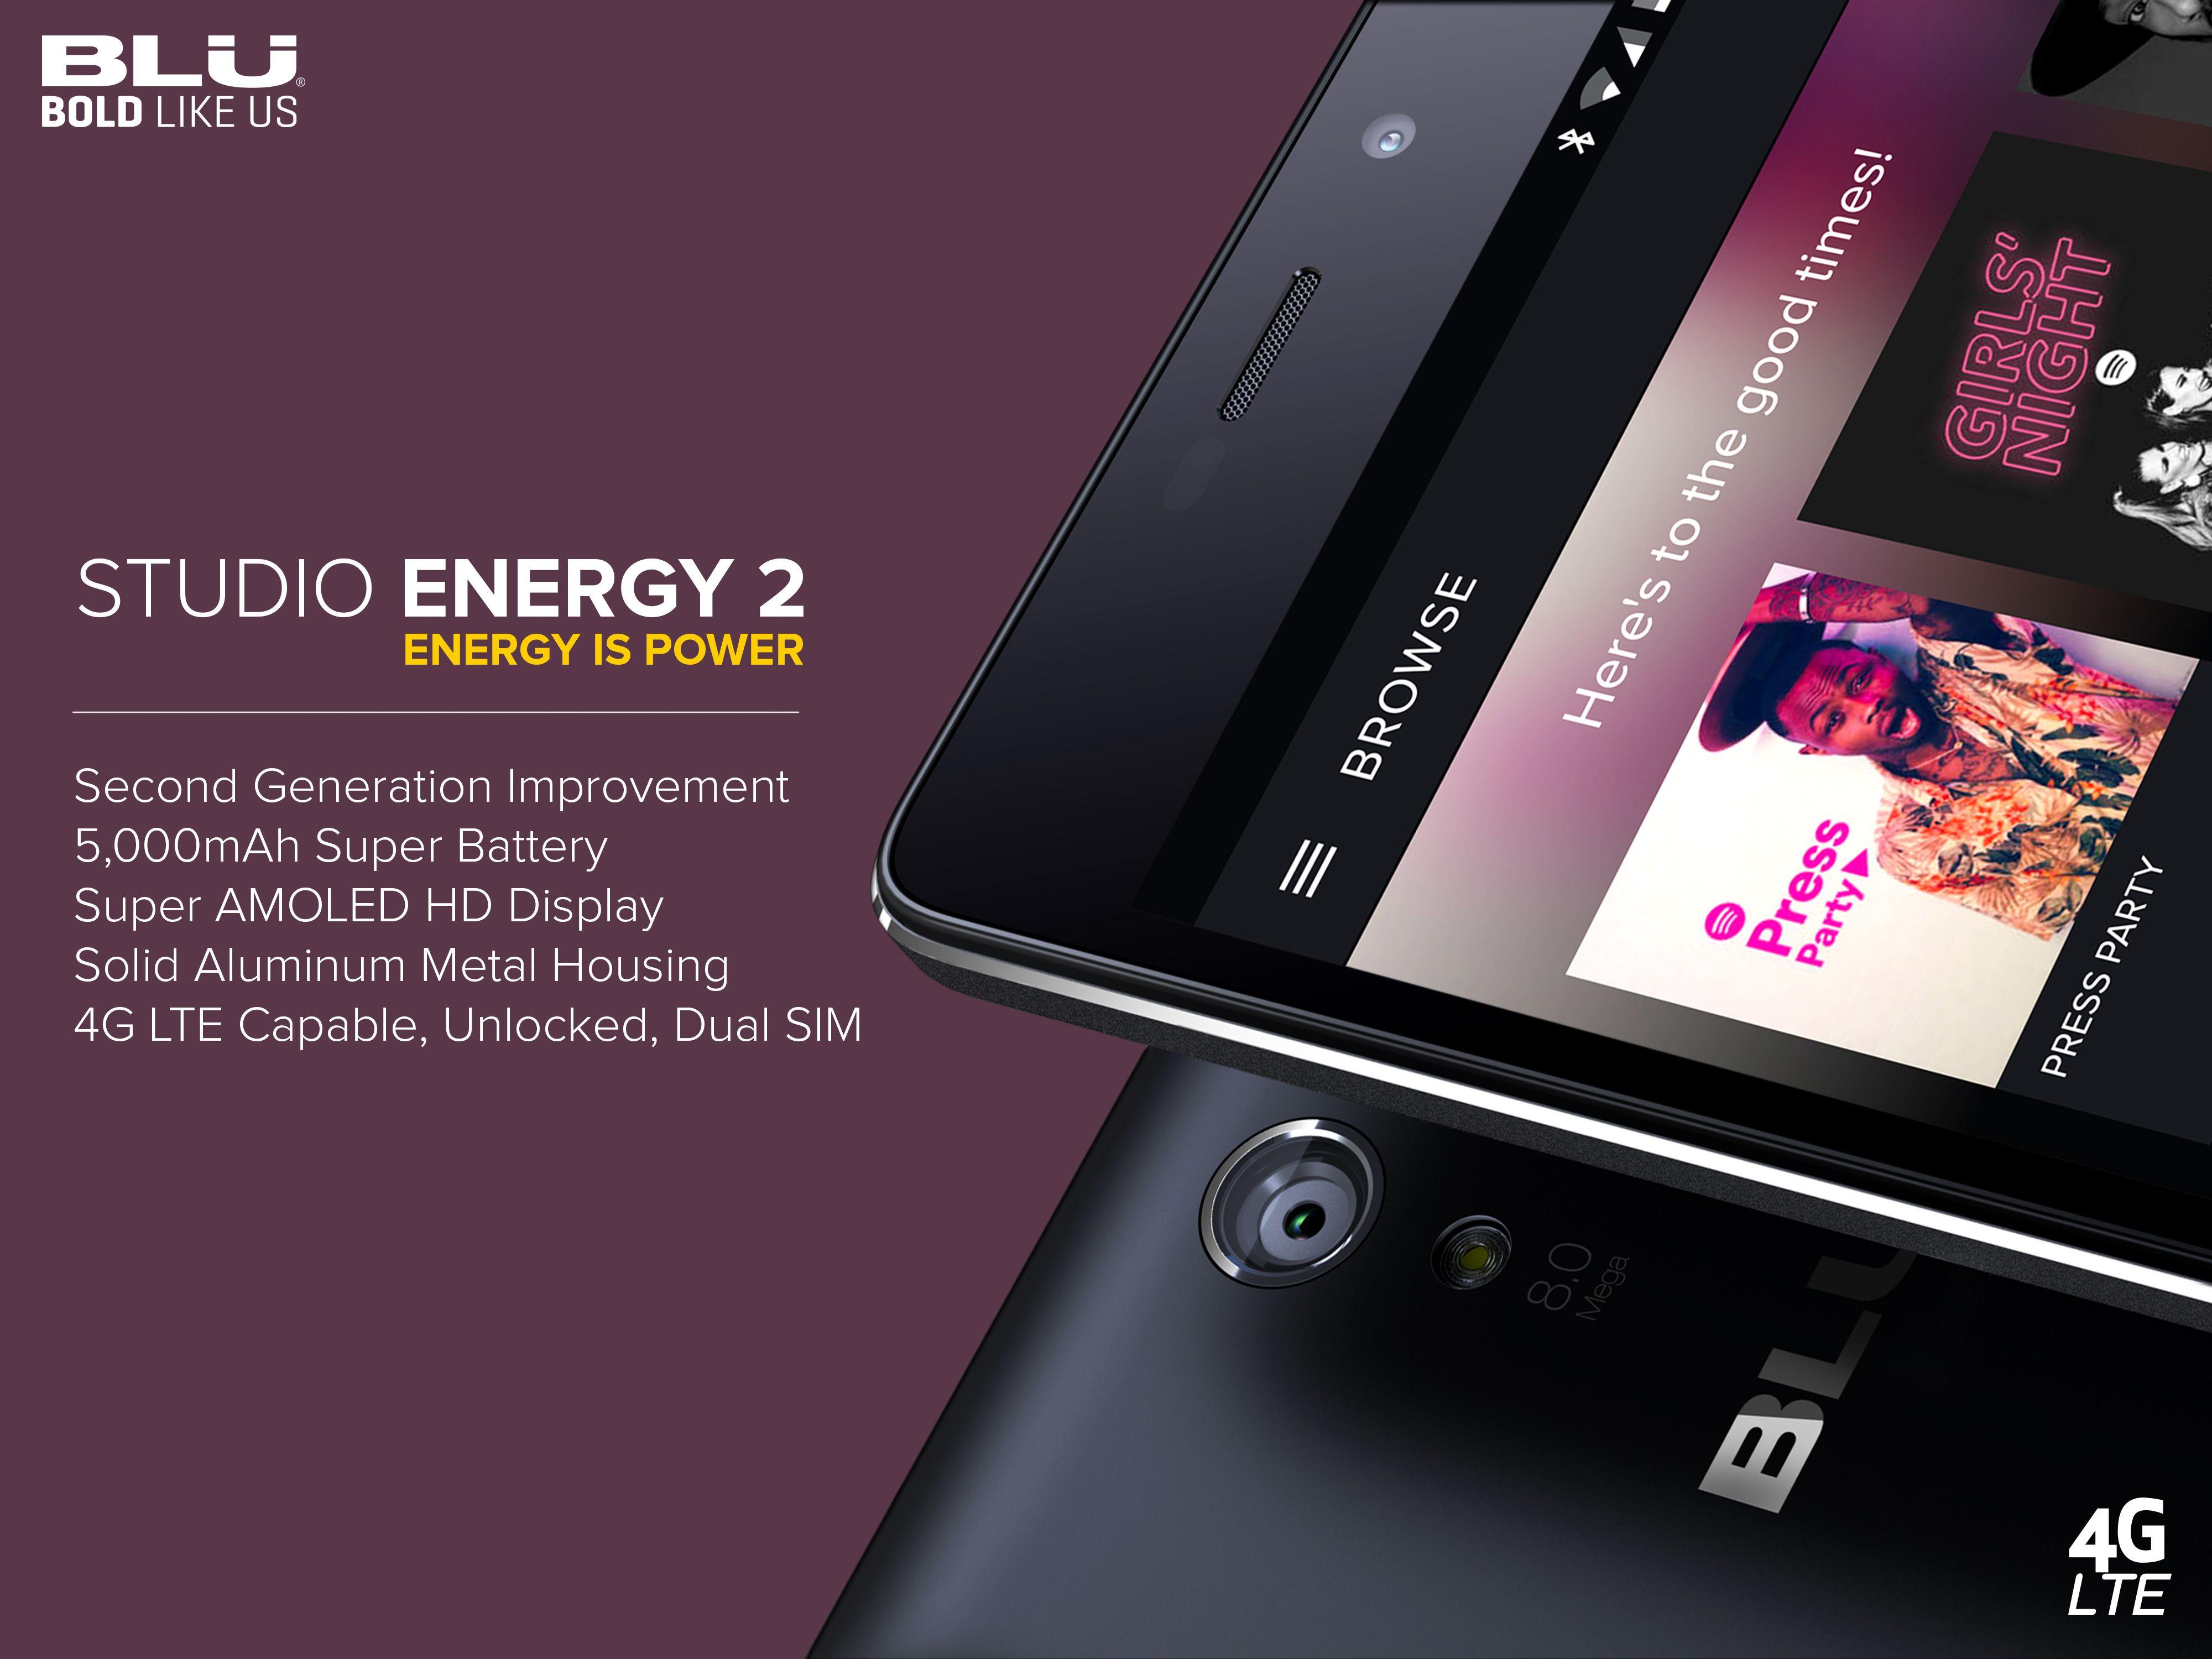 FINAL-STUDIO-ENERGY-2_55